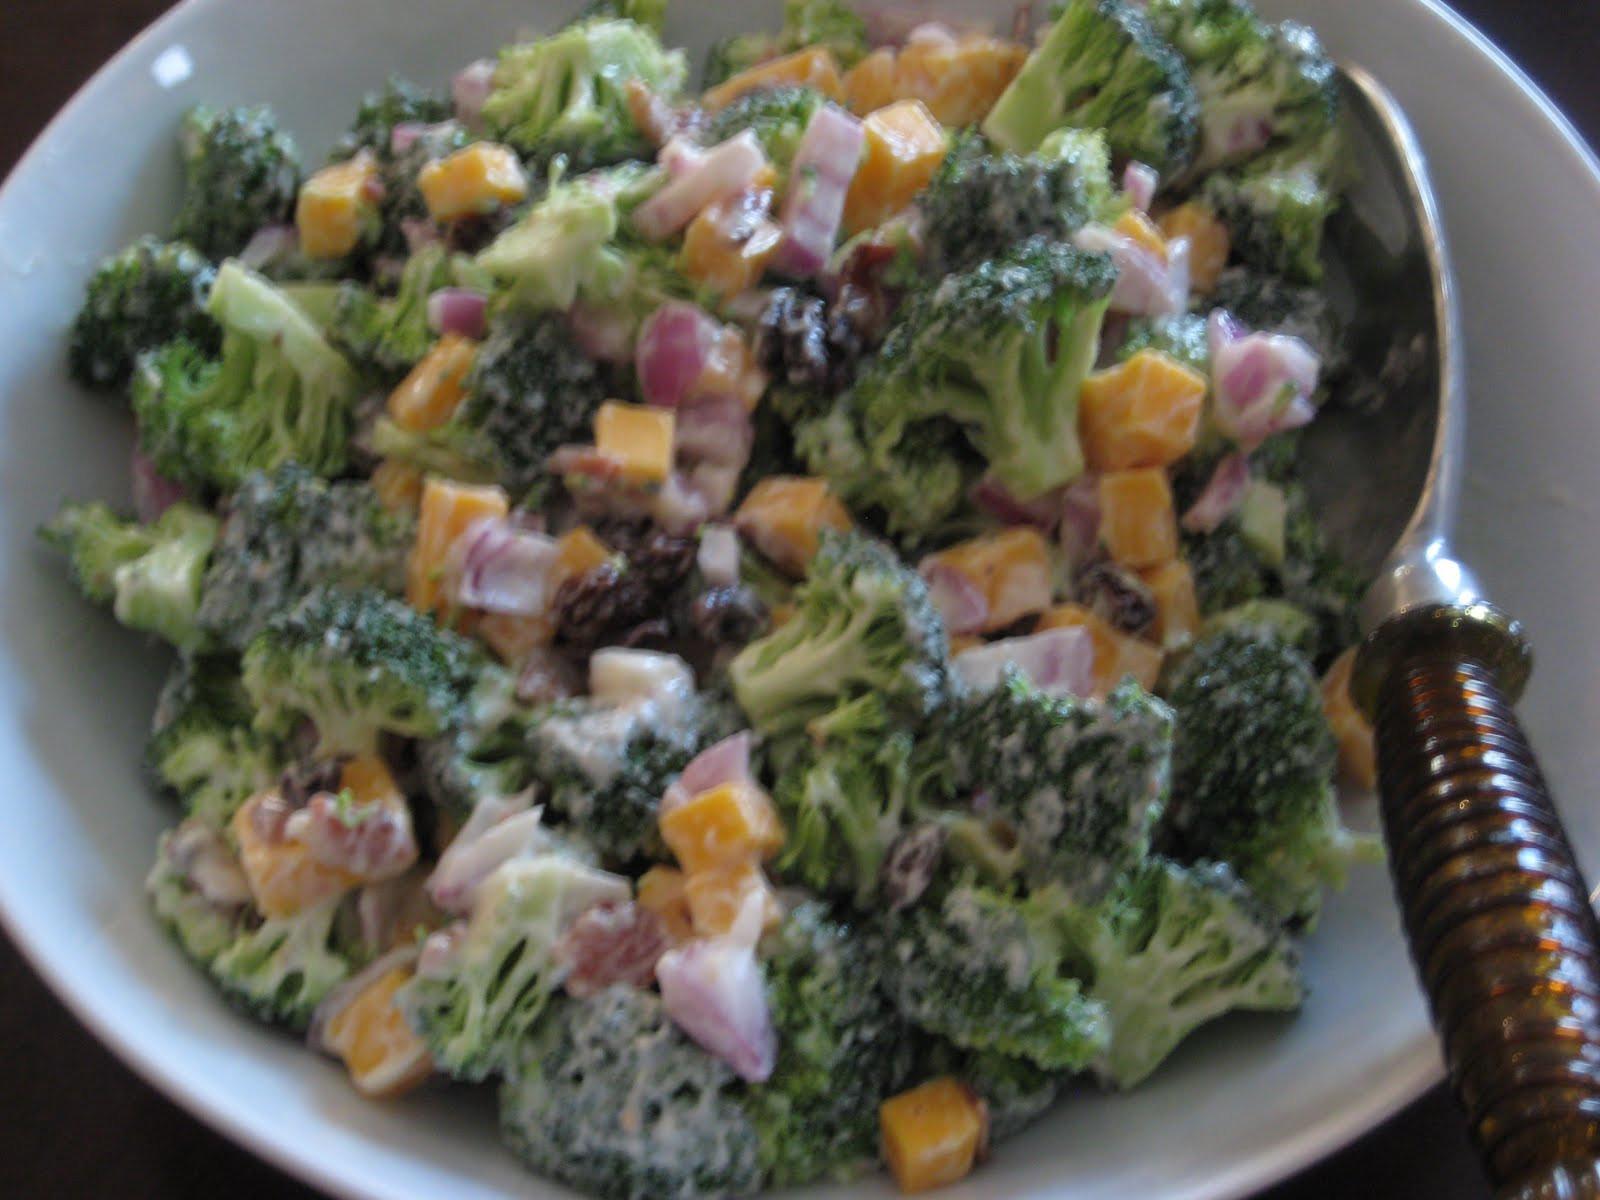 Paula Deen Broccoli Salad  Paula Deen Broccoli Salad cheap new car